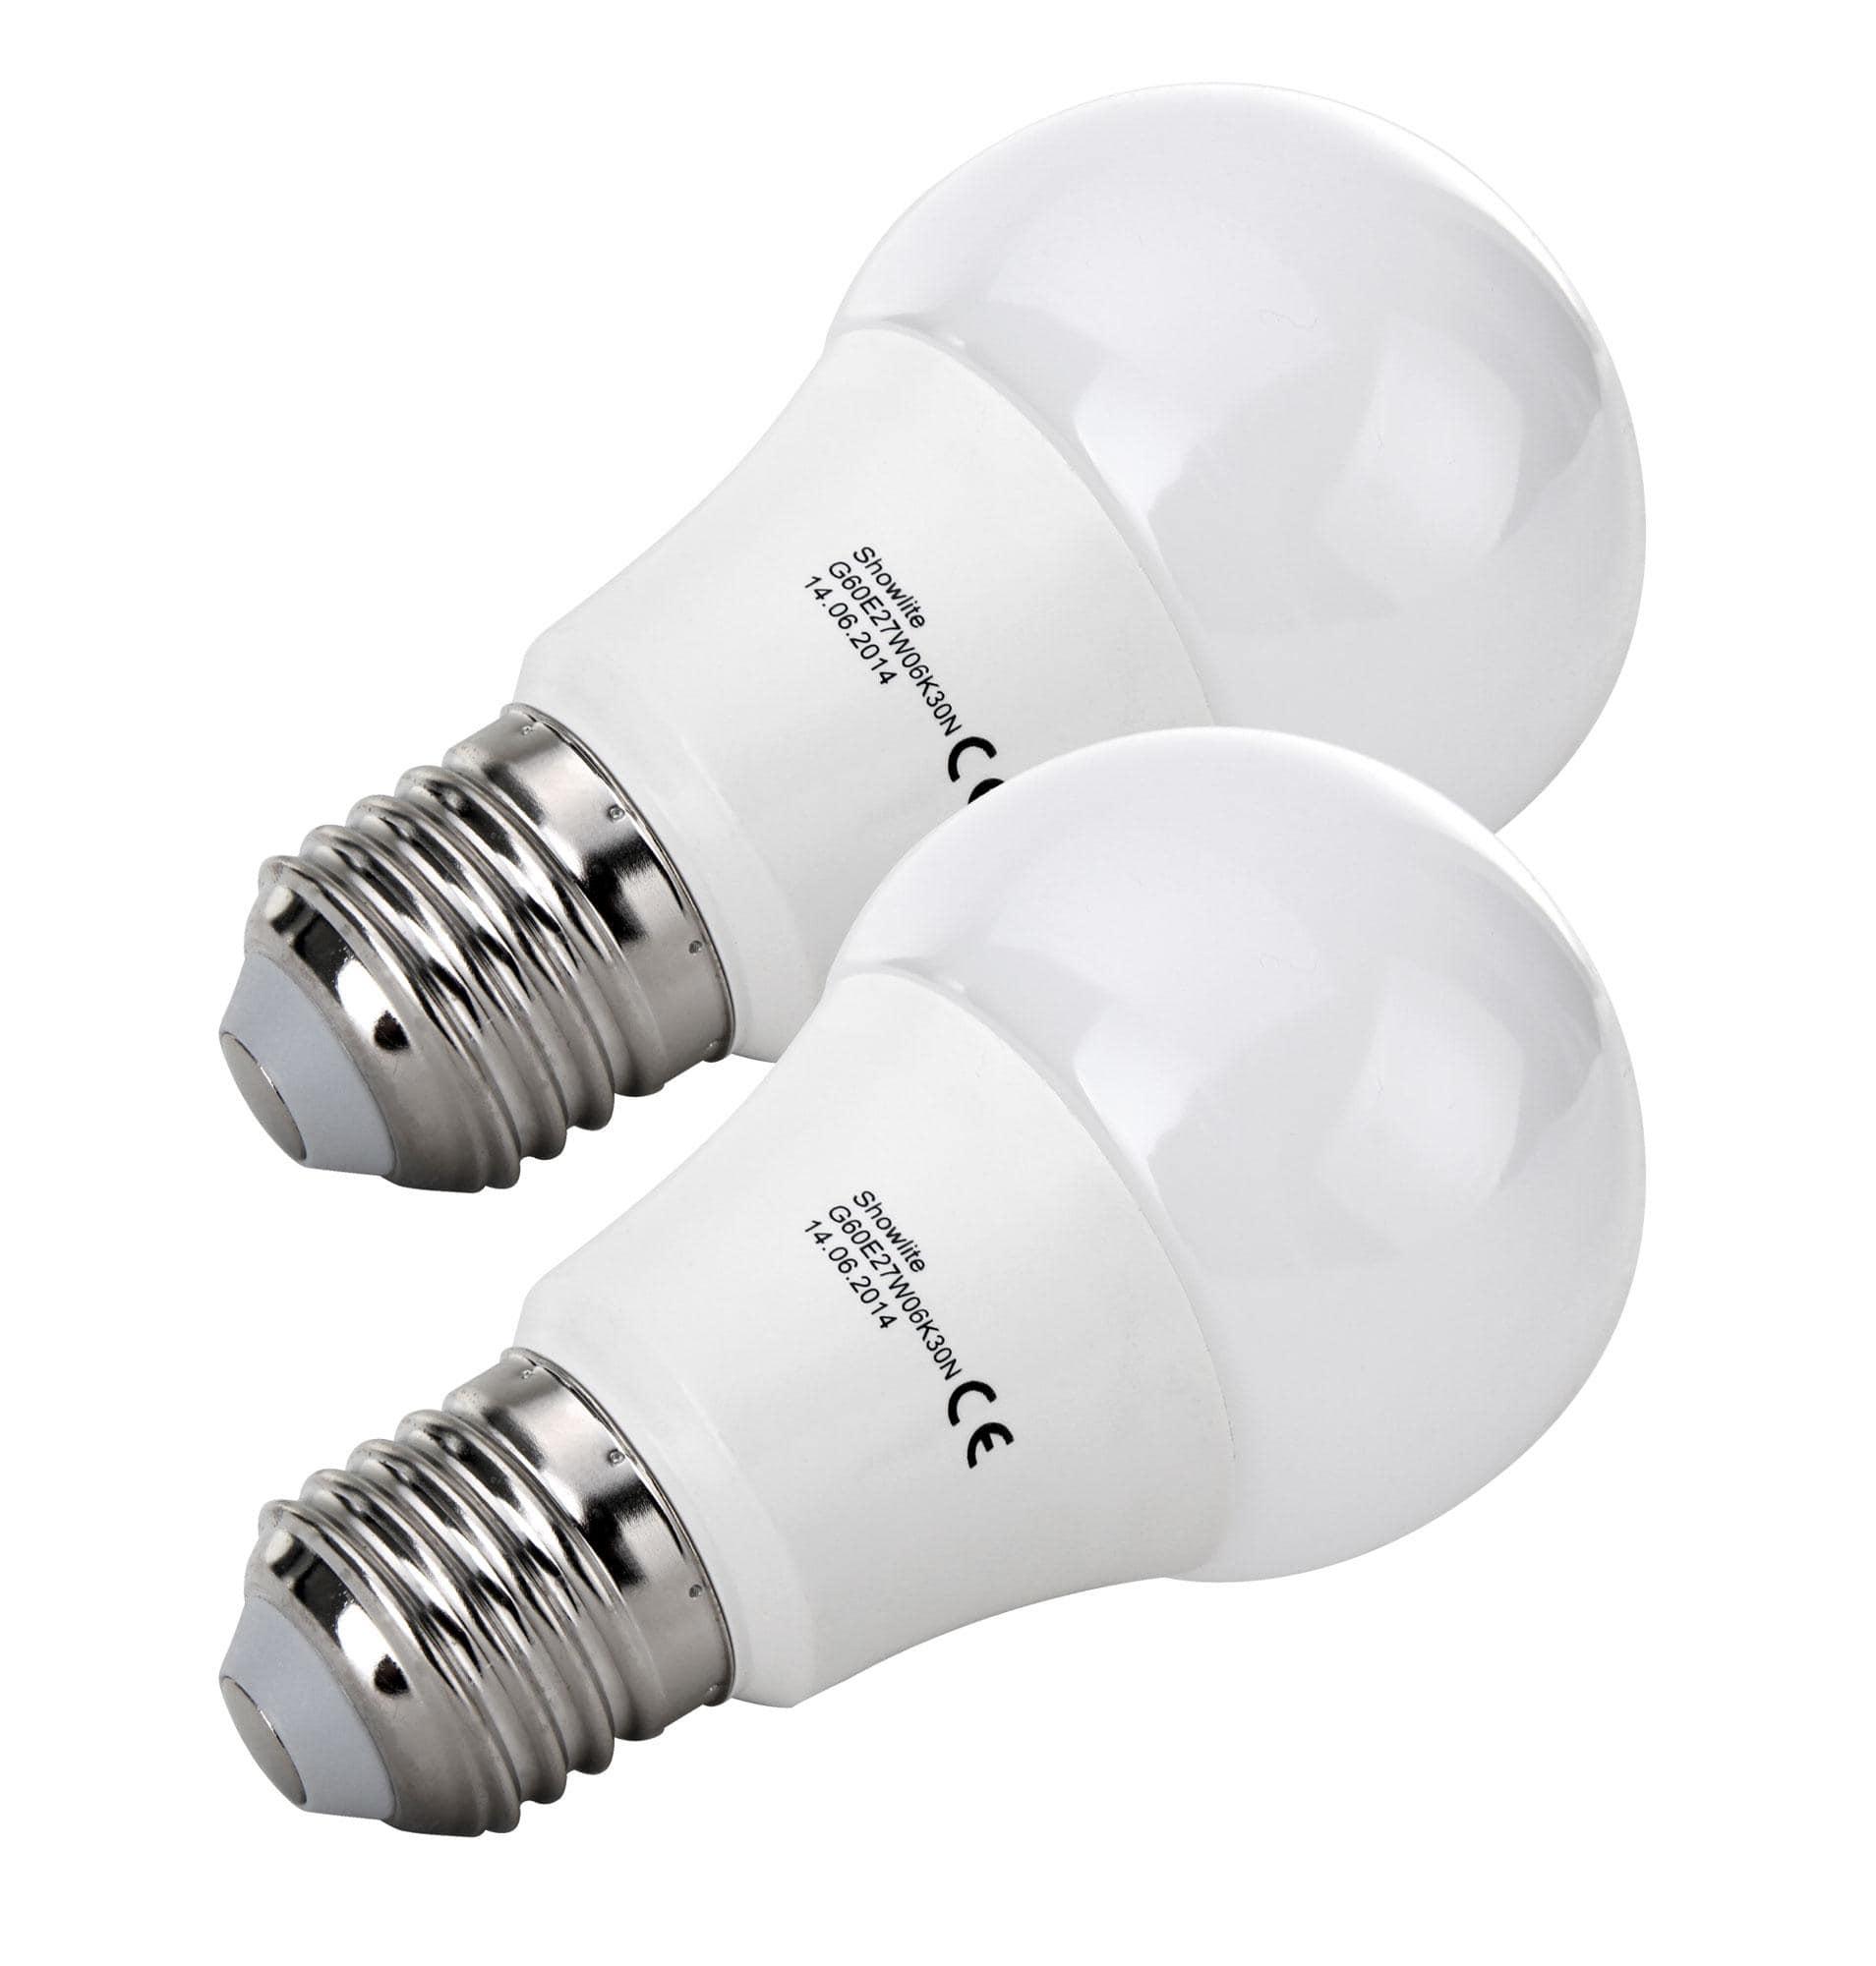 2x SET Showlite LED Birne G60E27W06K30N 6 Watt, 480 Lumen, Sockel ...